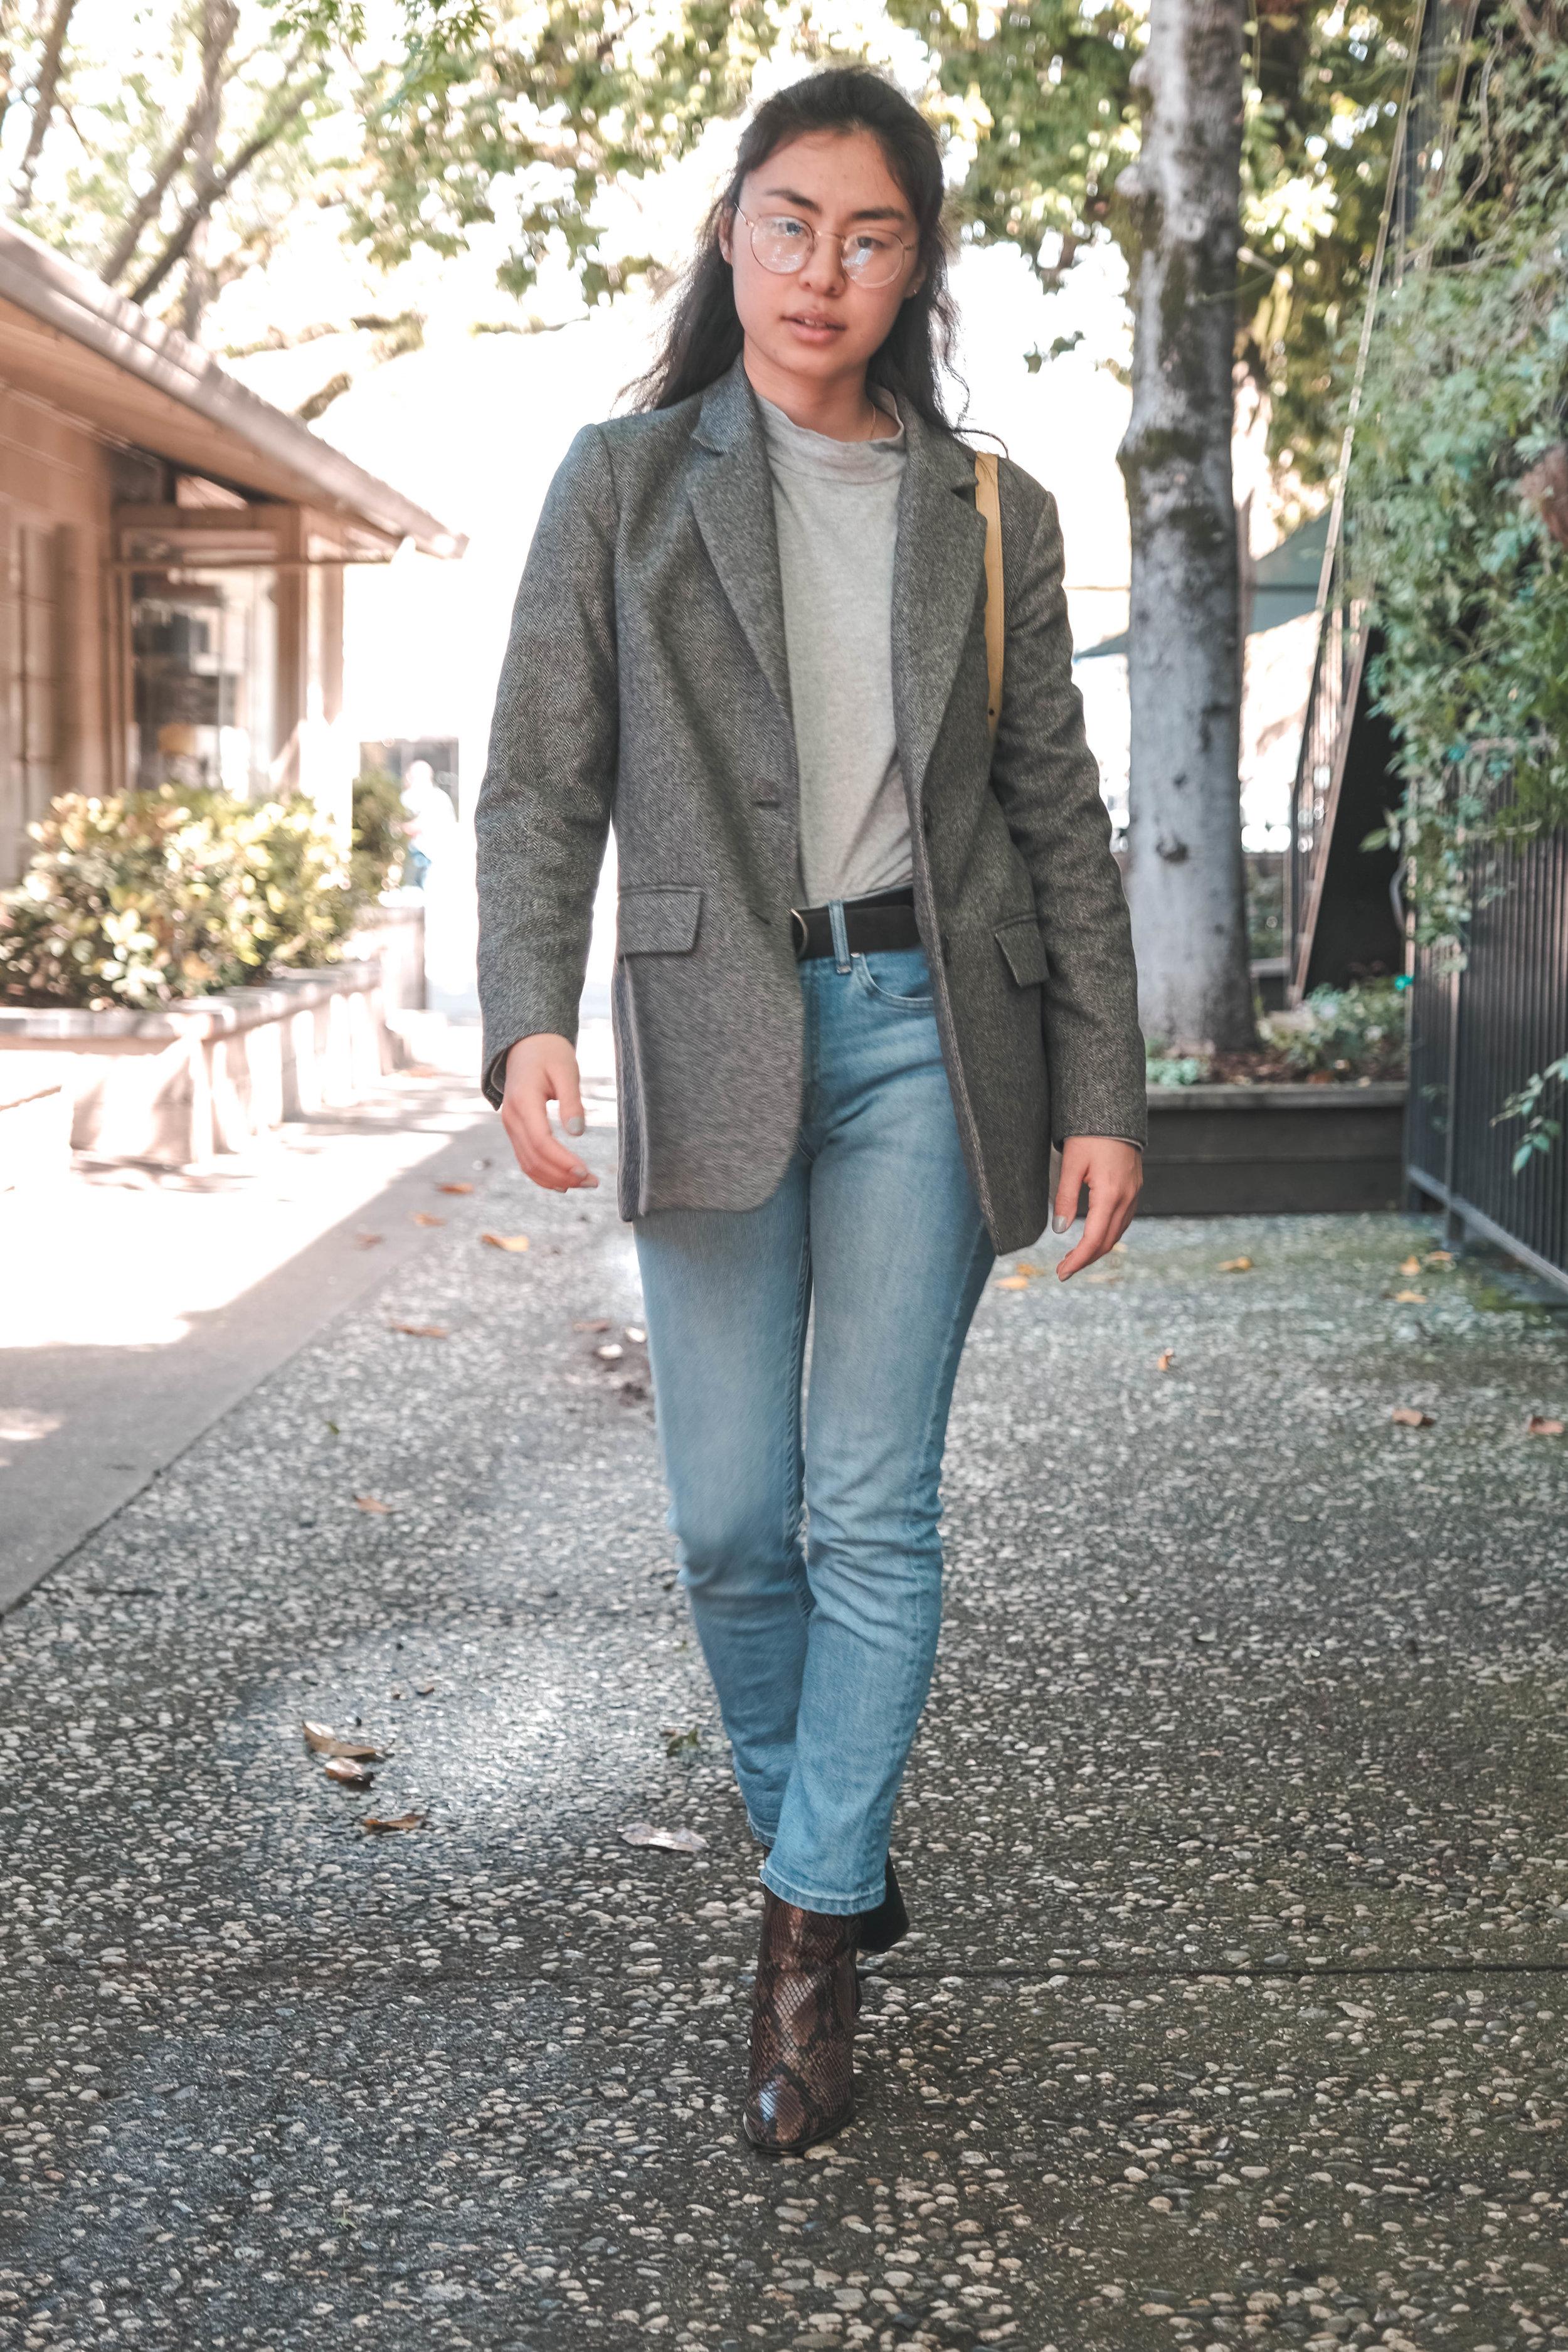 - blazer & mock neck - everlanedenim - everlane modern boyfriendpurse - vintage guccibelt - levi'sboots - zara